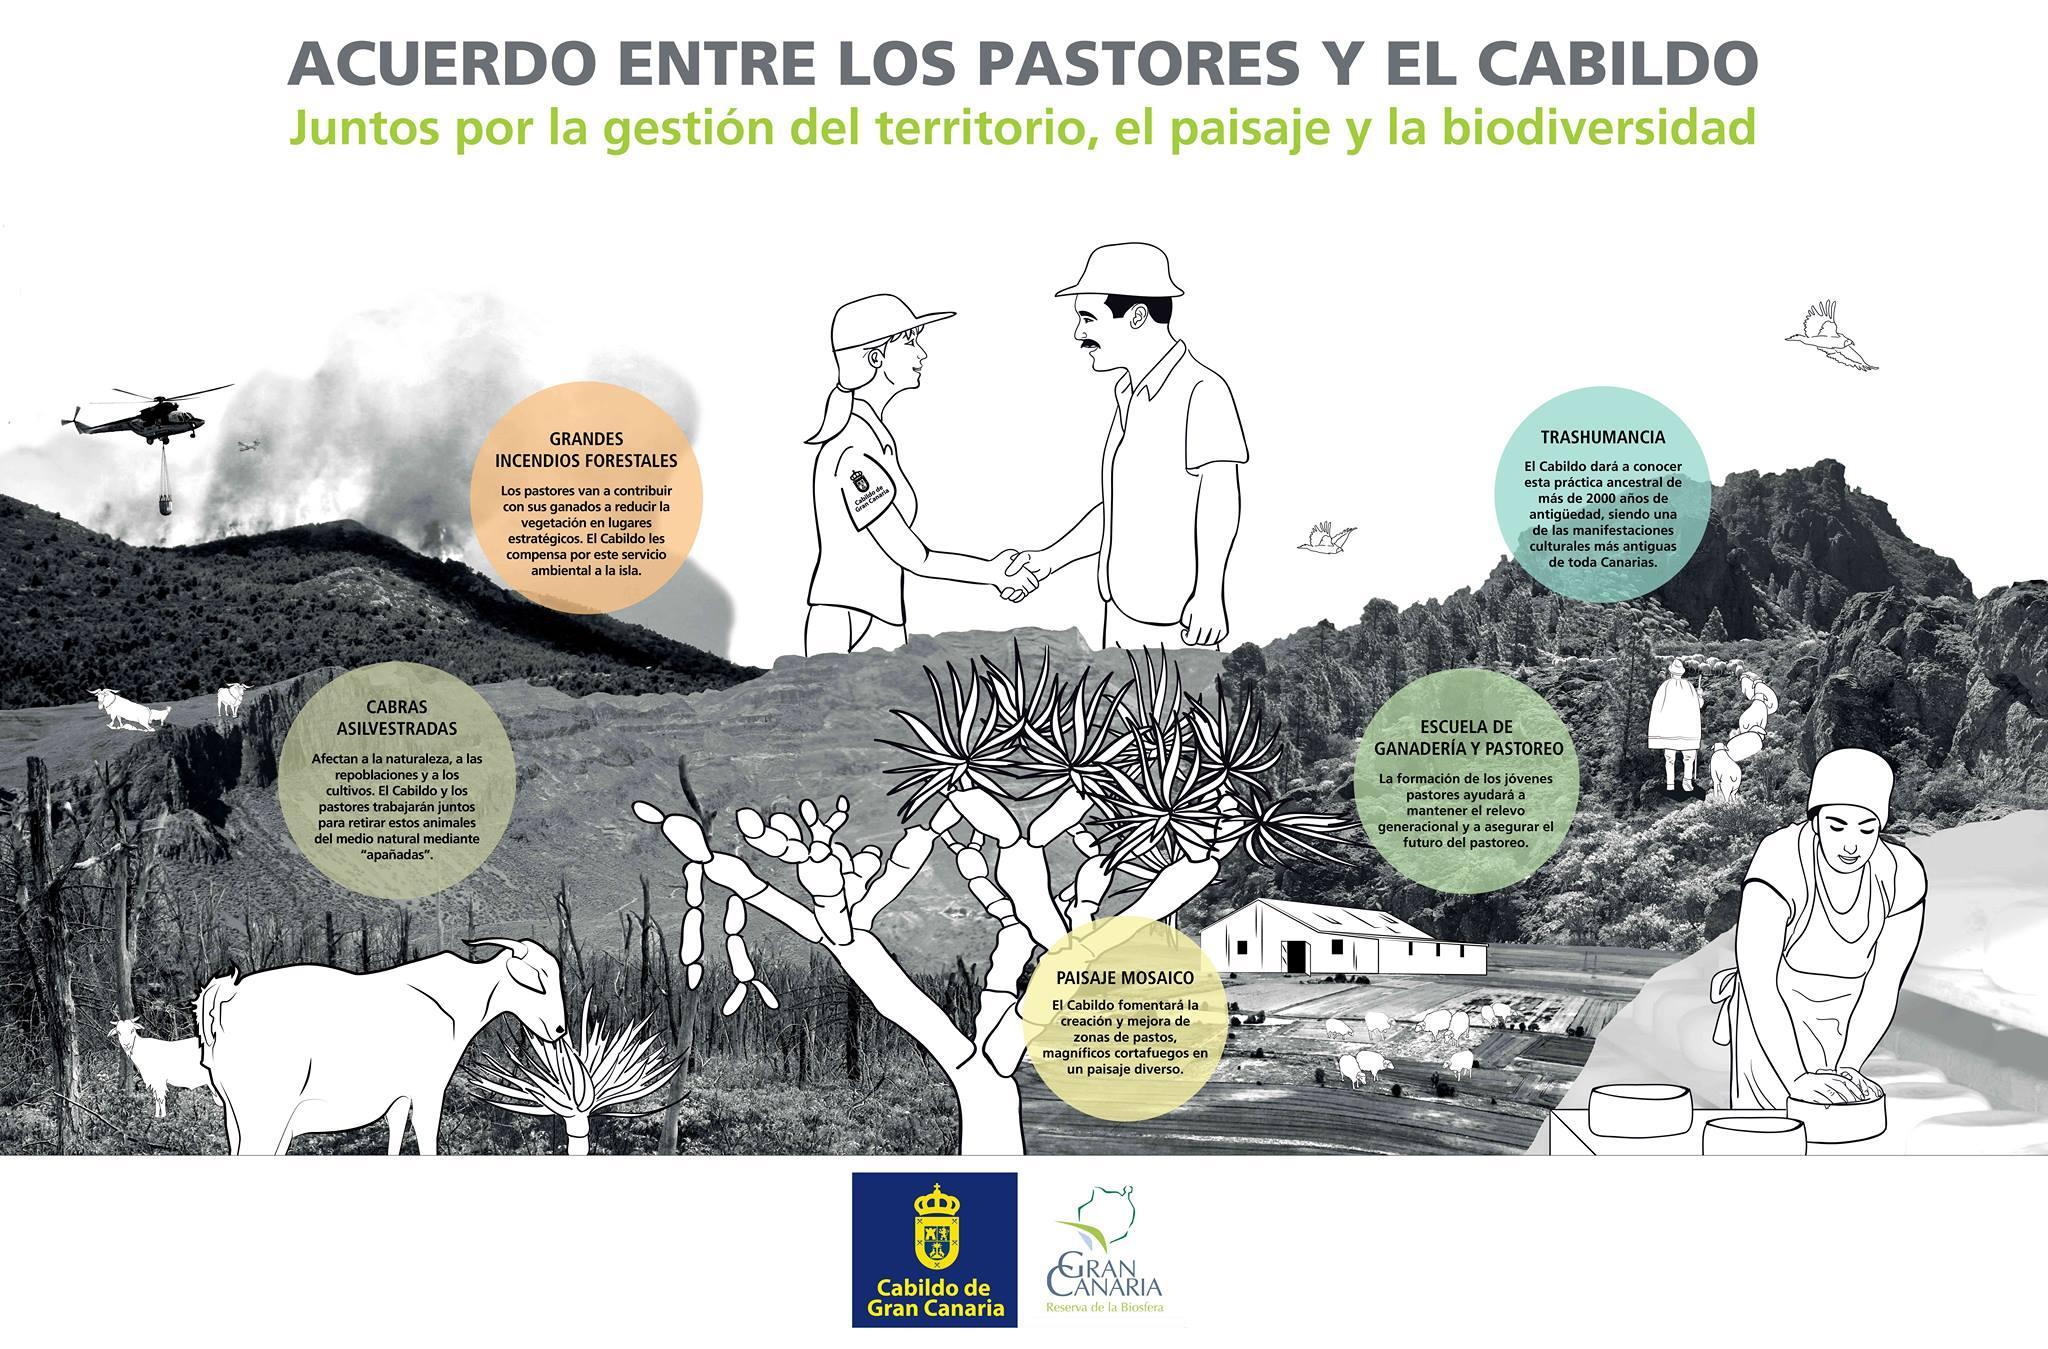 Acuerdo entre los pastores y el Cabildo